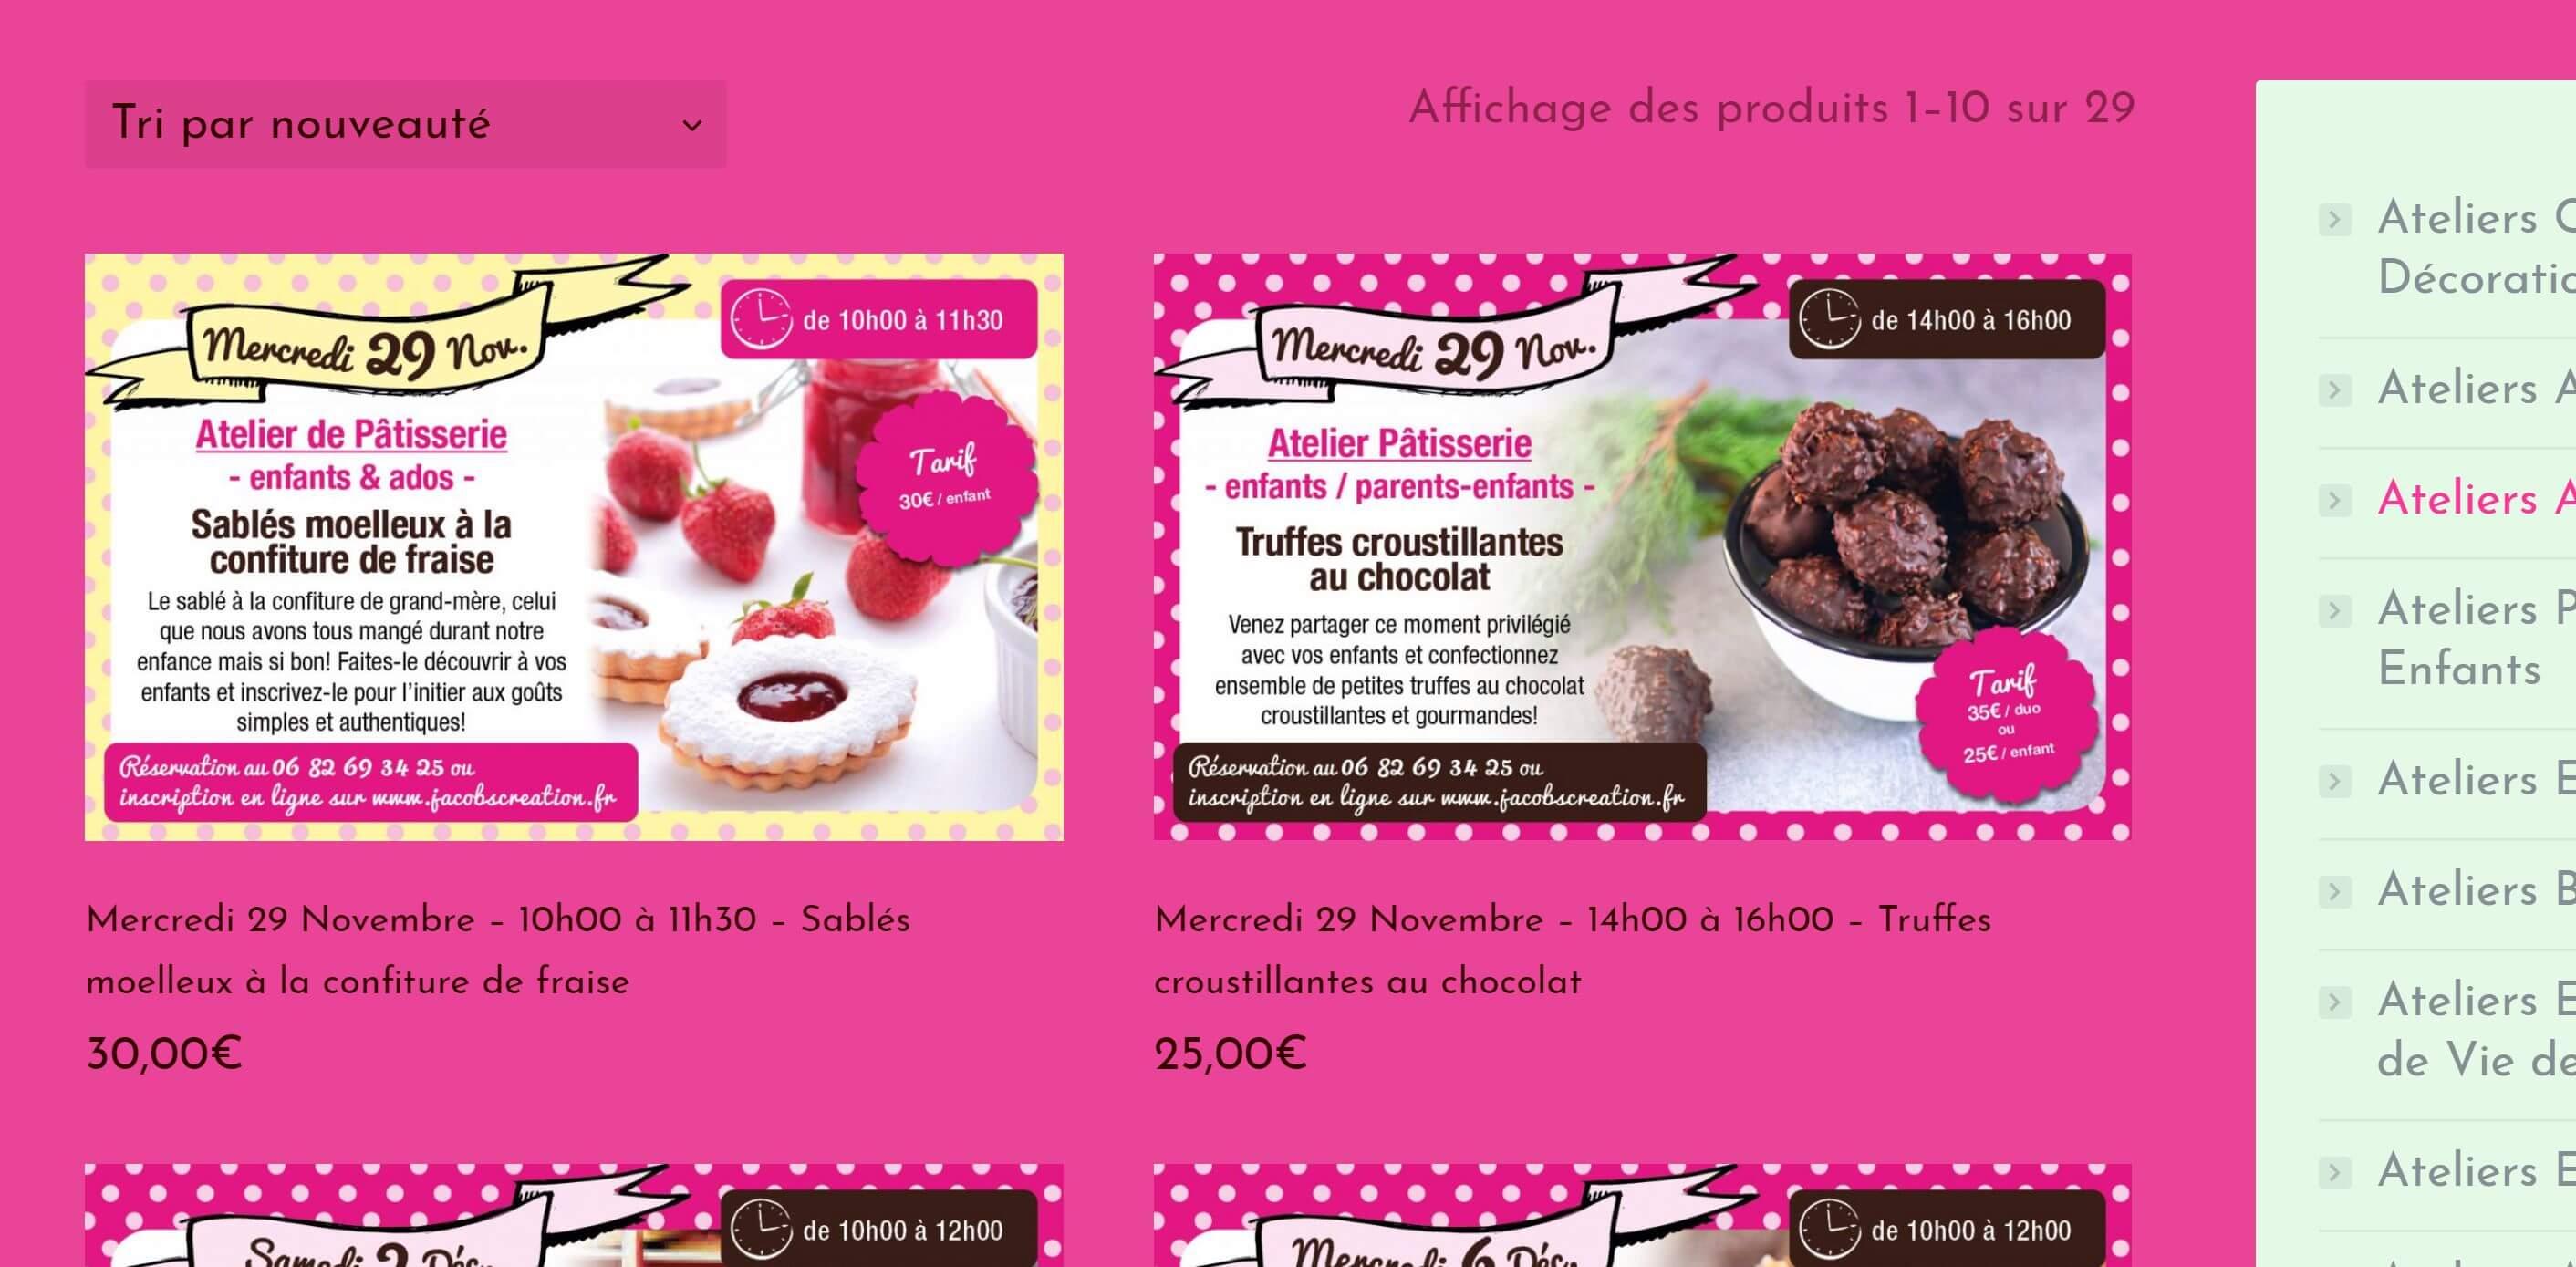 Création de site web de Cours de cuisine & patisserie à Nice ... on